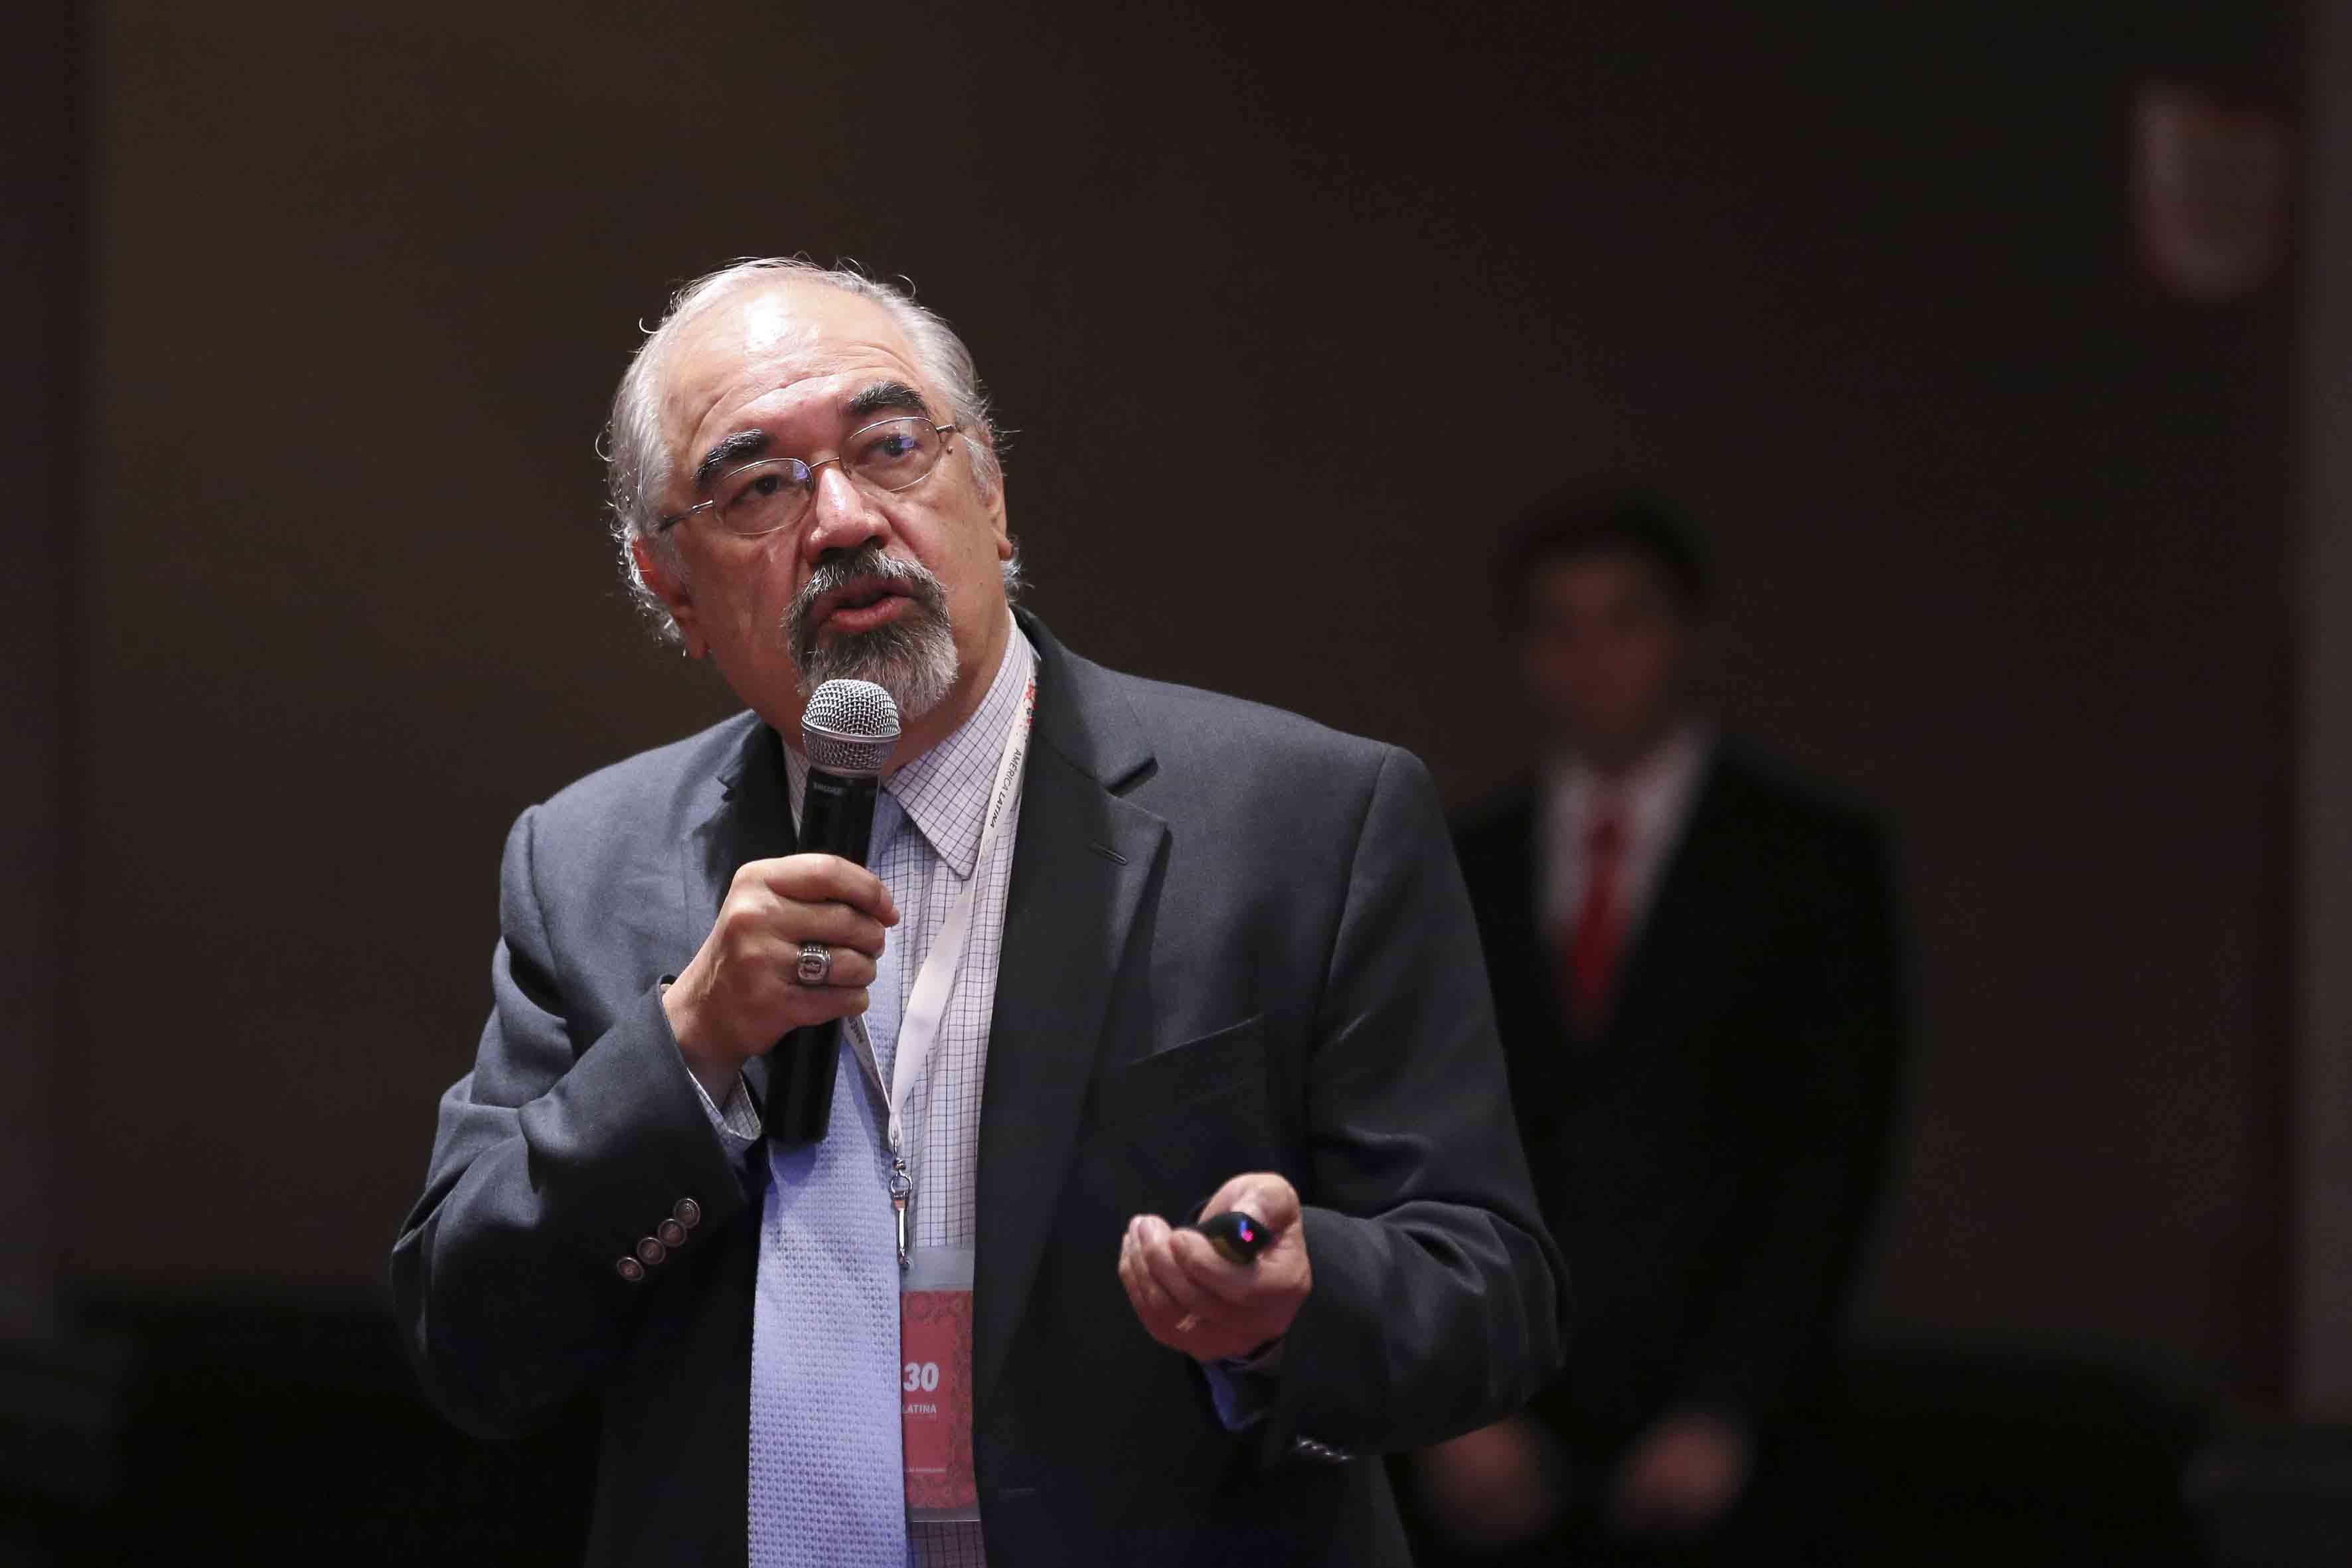 """Doctor Daniel Chacón Anaya, responsable del Portafolio de Subvenciones para la Descarbonización de la Energía e Iniciativa Climática de México, de la red de organizaciones de ClimateWorks Foundation, dictando la conferencia """"La contribución de las energías limpias a los compromisos de México para la mitigación de emisiones de gases de efecto invernadero""""."""